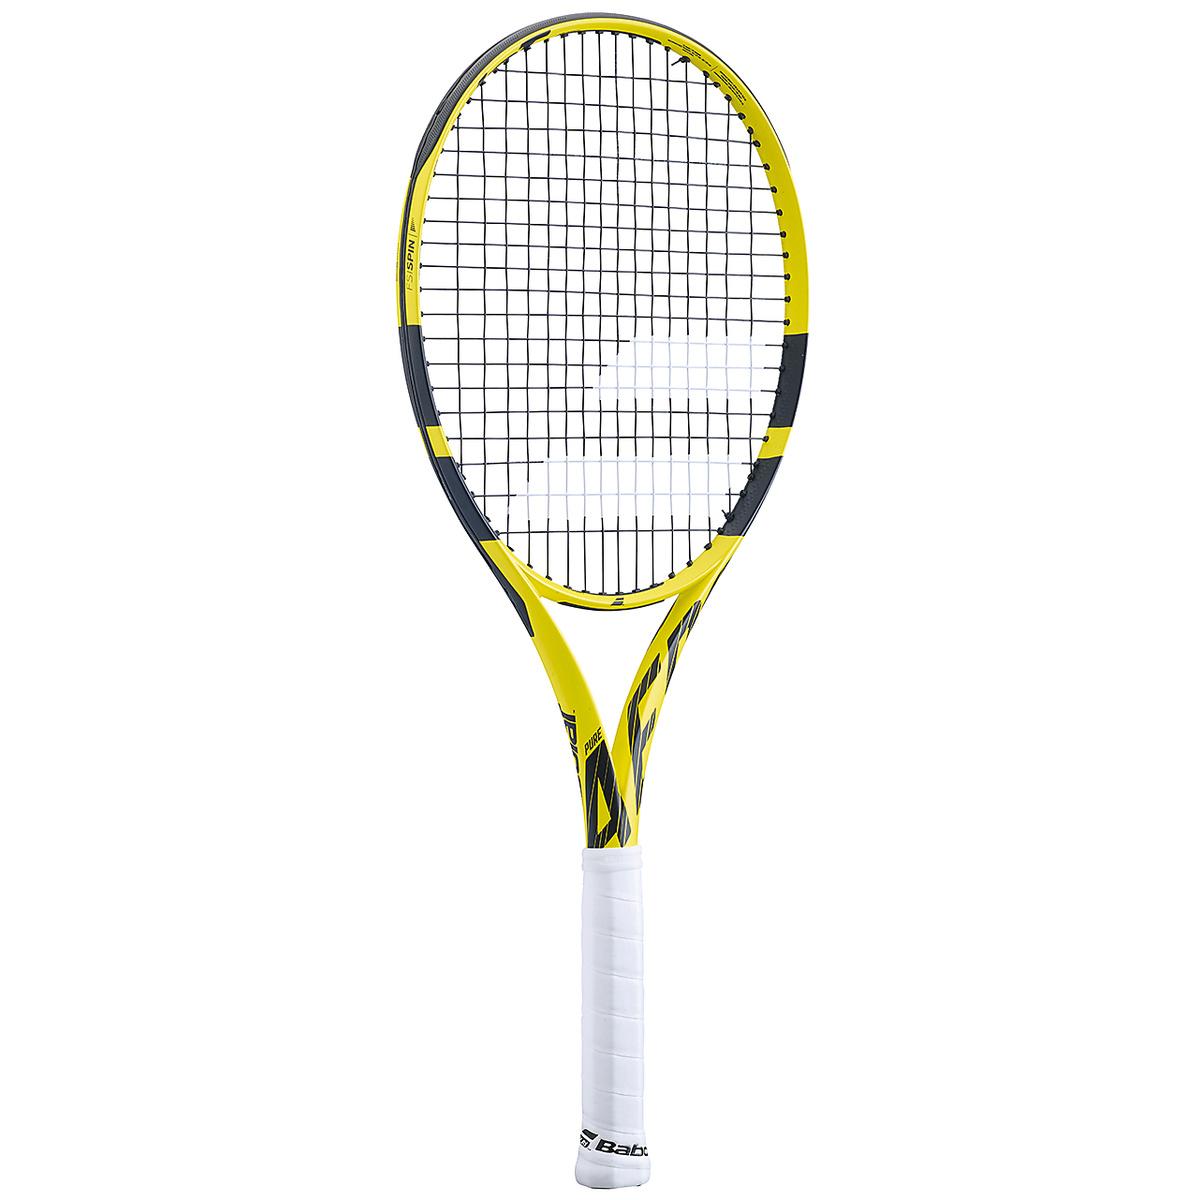 【送料無料】 Babolat (バボラ) 【フレームのみ】テニス フレームラケット 19 ピュアアエロ ライト YEL BF101359